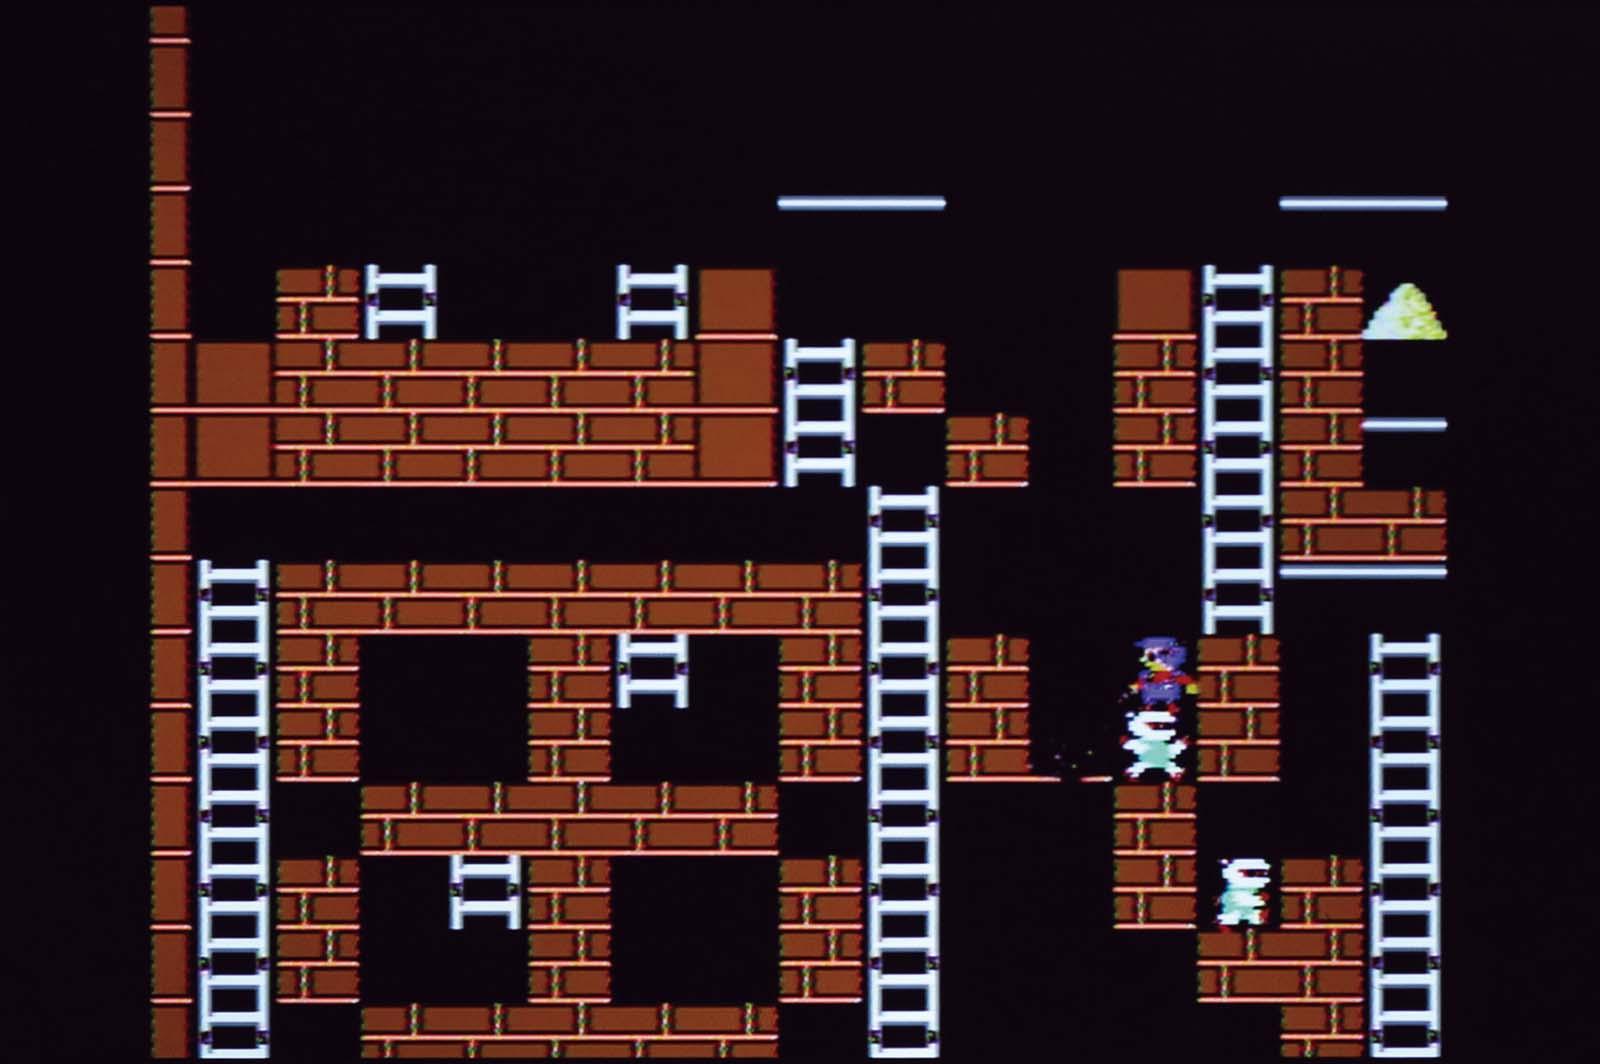 ↑最終面の50面はテクニックの集大成。ロボットを誘導し、レンガを掘って回復するタイミングを見計らって移動する。プレイヤーの腕が試される!